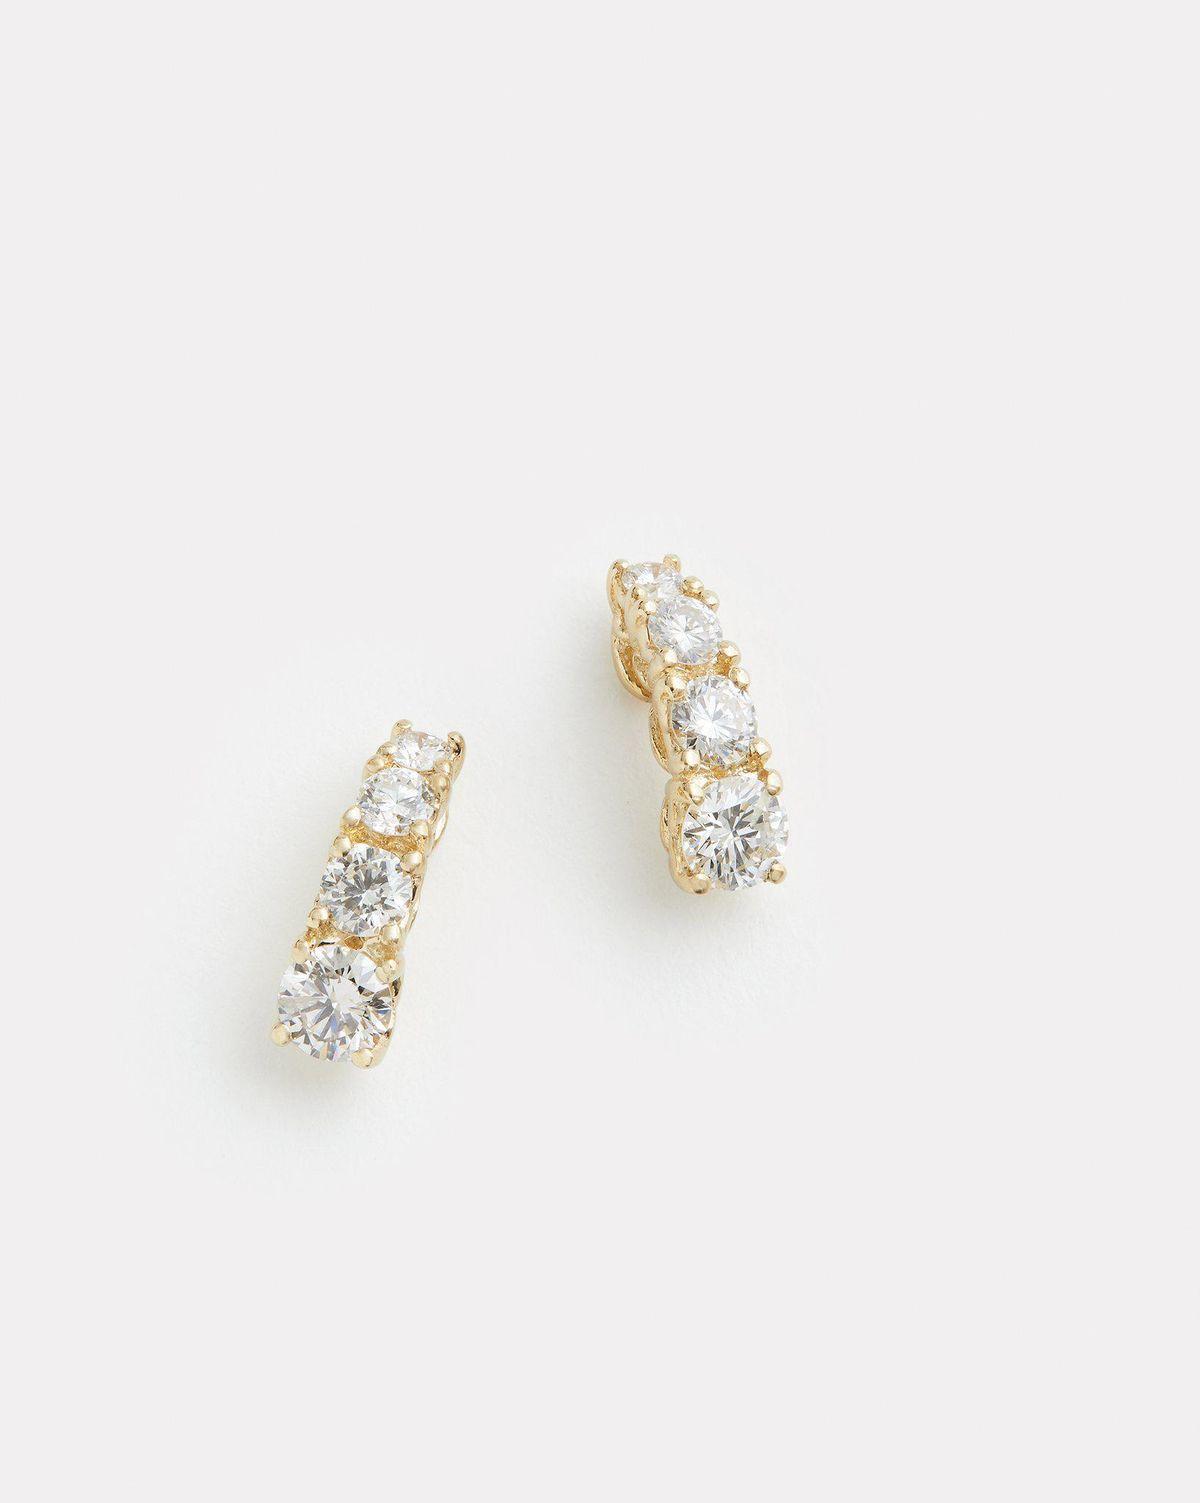 Curved Diamond Stud